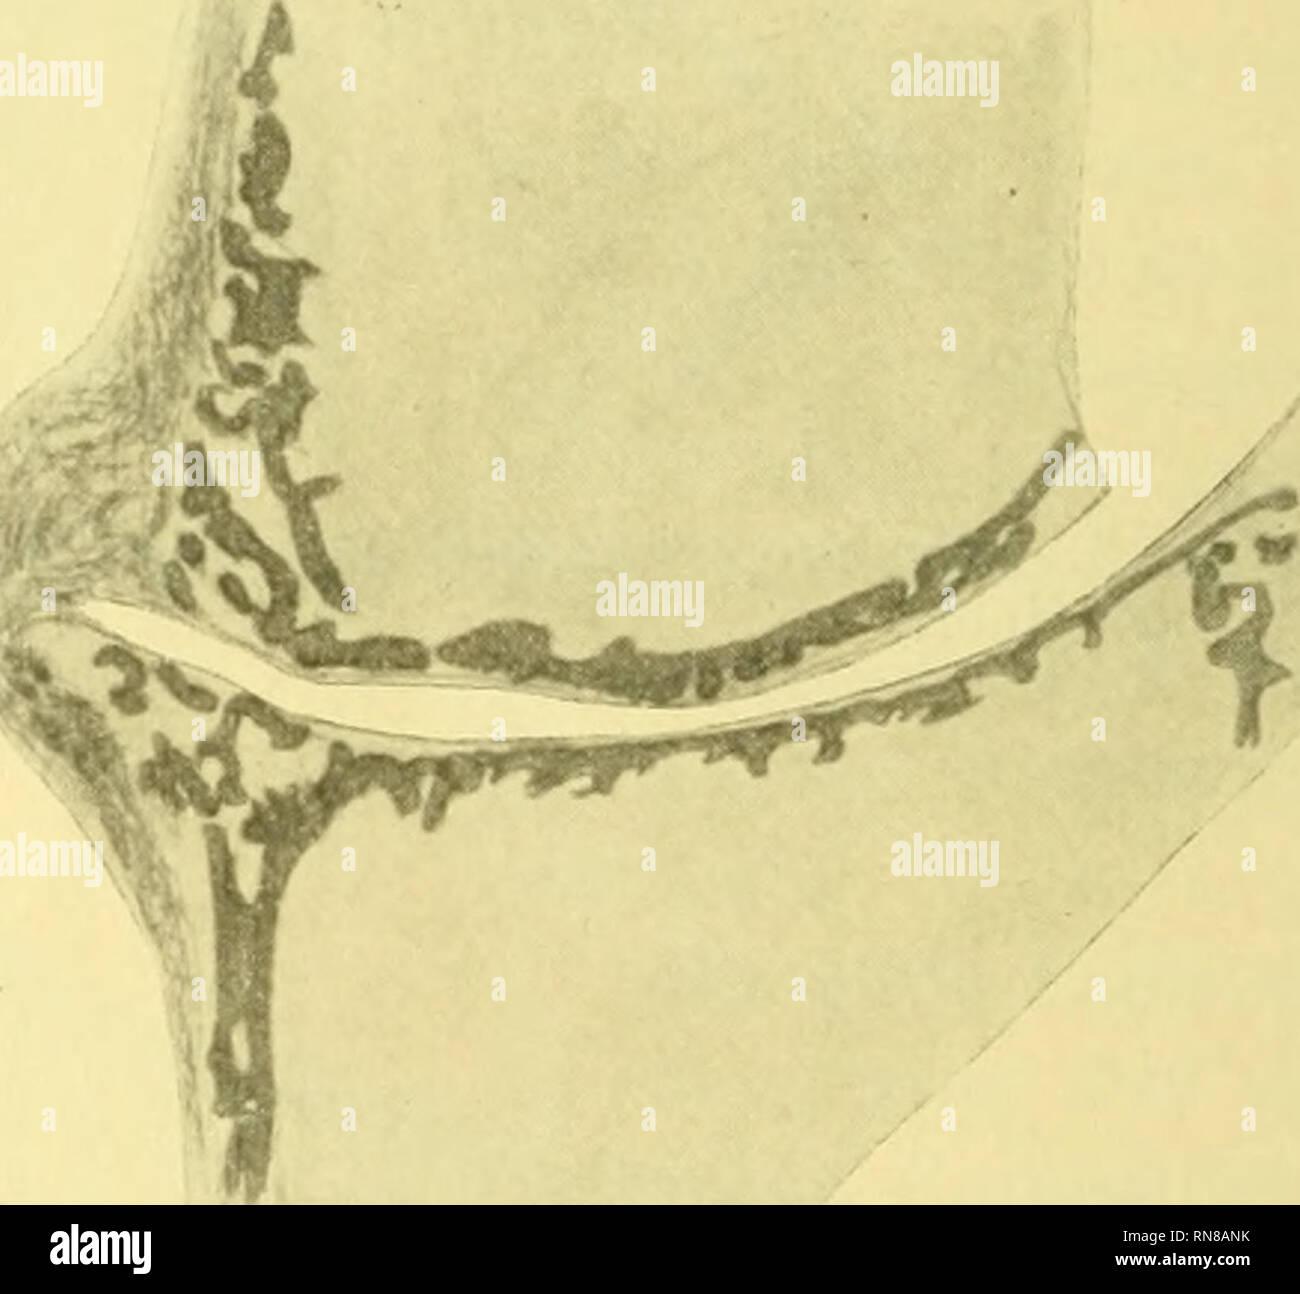 . Anatomischer Anzeiger. Anatomy, Comparative; Anatomy, Comparative. Fig. 5. Fig. 6. Fig. 5. Zonometapterj^gialgelenk aus Fig. 4. 72 X vergrößert, auf ^/^ ver- kleinert. Fig. 6. Linke Seite des Zonometapterygialgelenks, Eaja clavata, erwachsen. 13 )«( vergrößert, auf ^/^ verkleinert. ebenfalls Kalk aufgetreten. Die Tatsache, daß Knorpel nochmals über dem Kalk liegt, war schon Leydig (1. c. p. 8) bekannt, und zwar vom Occipital- und Kiefergelenk der Rochen. Es scheint also eine allge- meine, die Rochen gegenüber den Haien auszeichnende Eigentümlich- keit zu sein. Die Rochen sind jüngeren Urspru - Stock Image